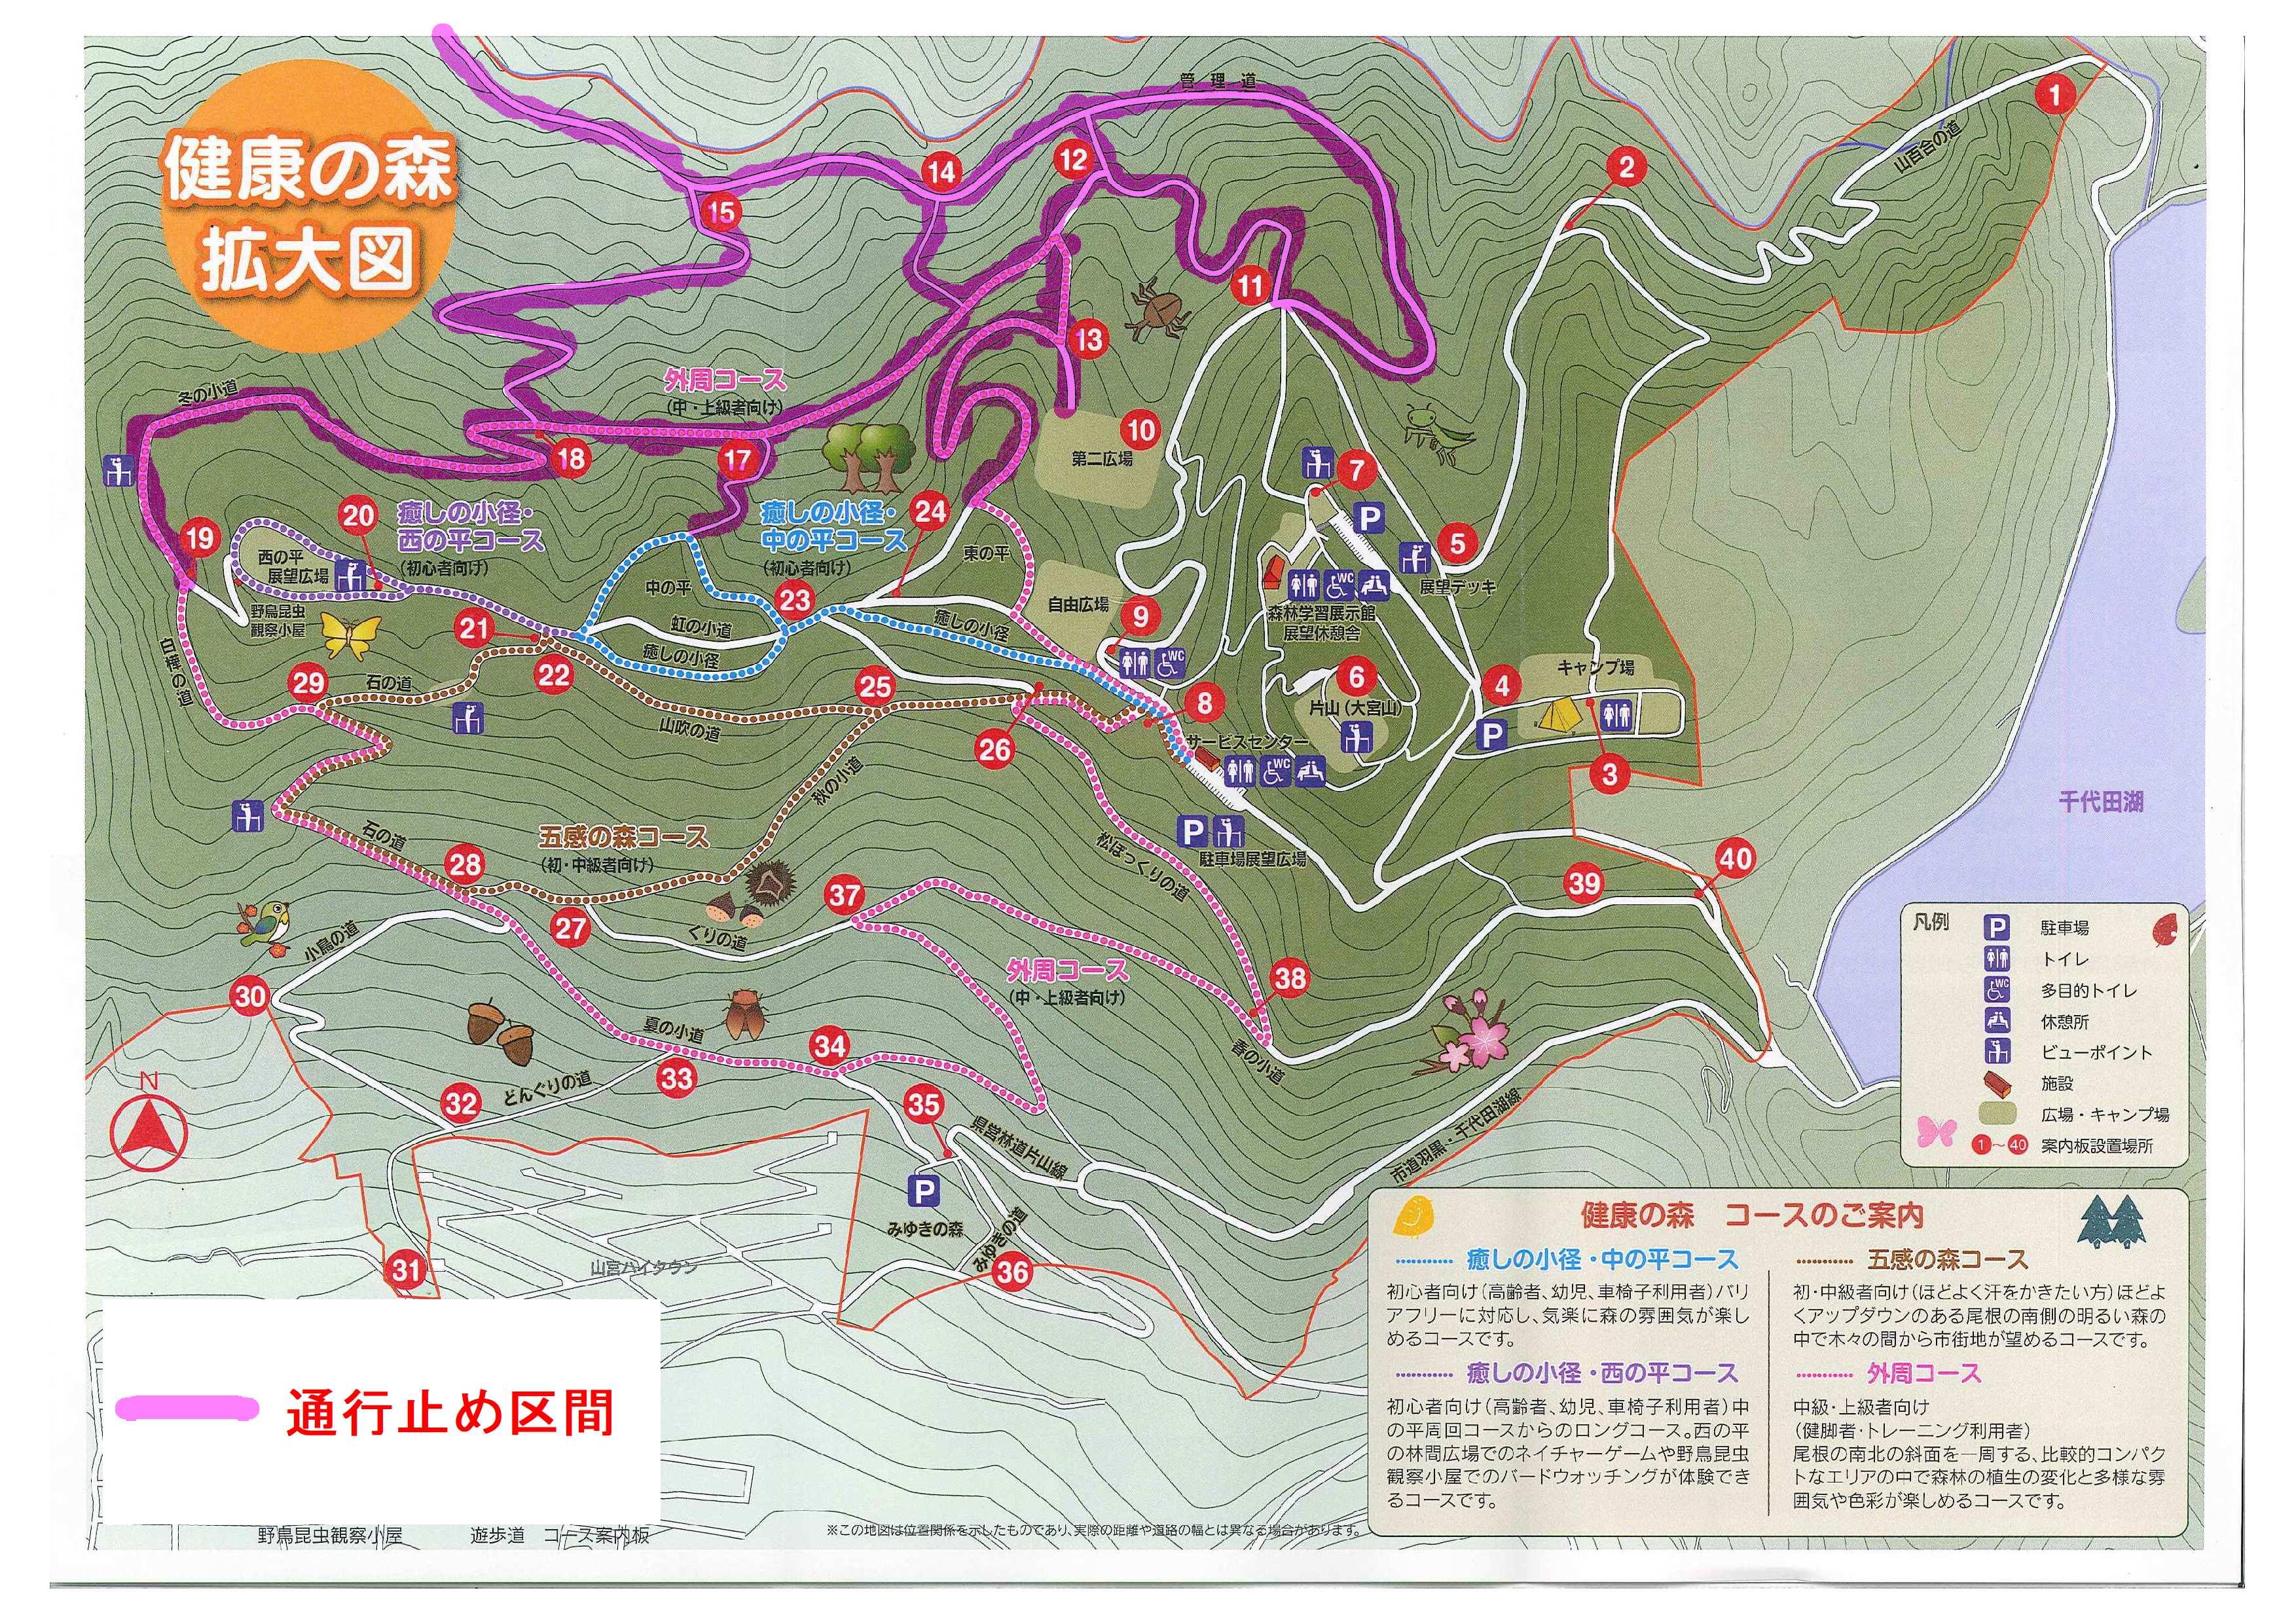 台風19健康の森通行止め図